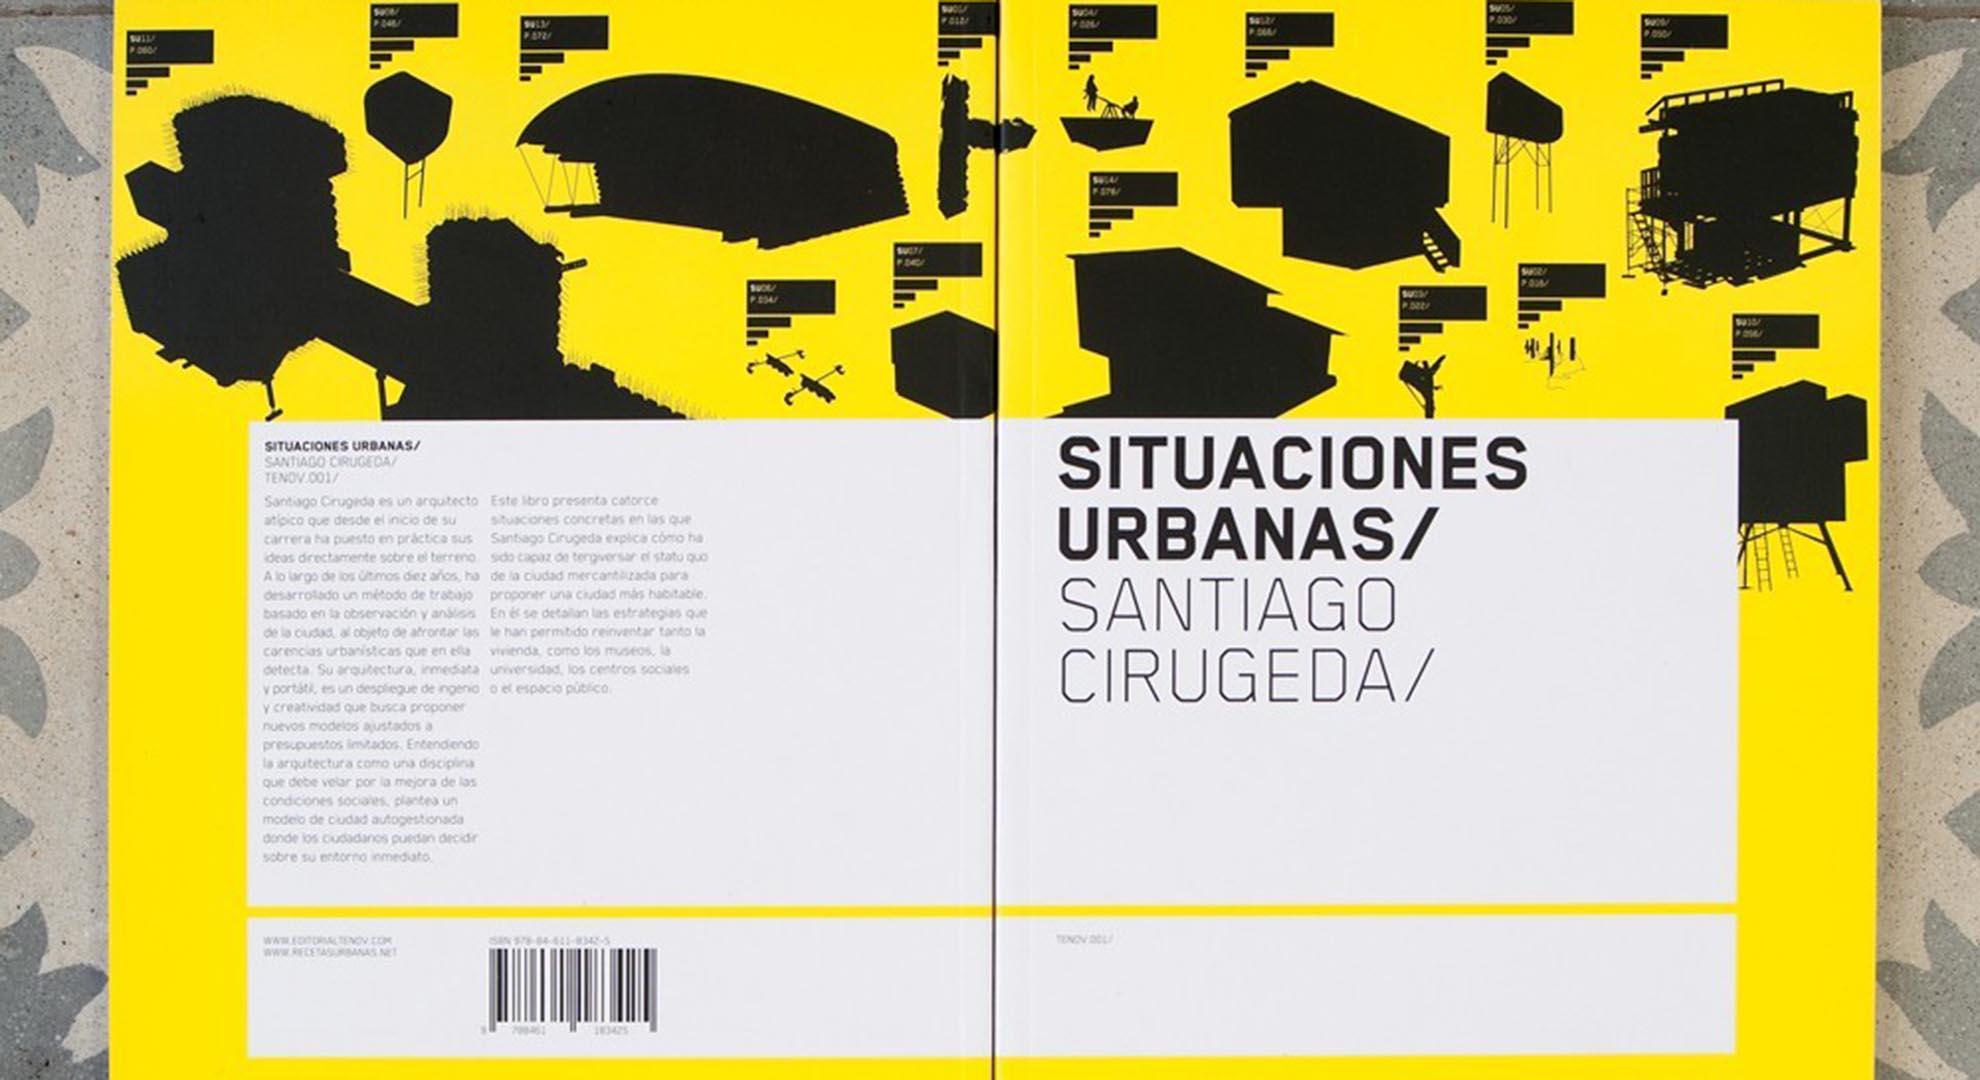 Book: Situaciones Urbanas / Santi Cirugeda